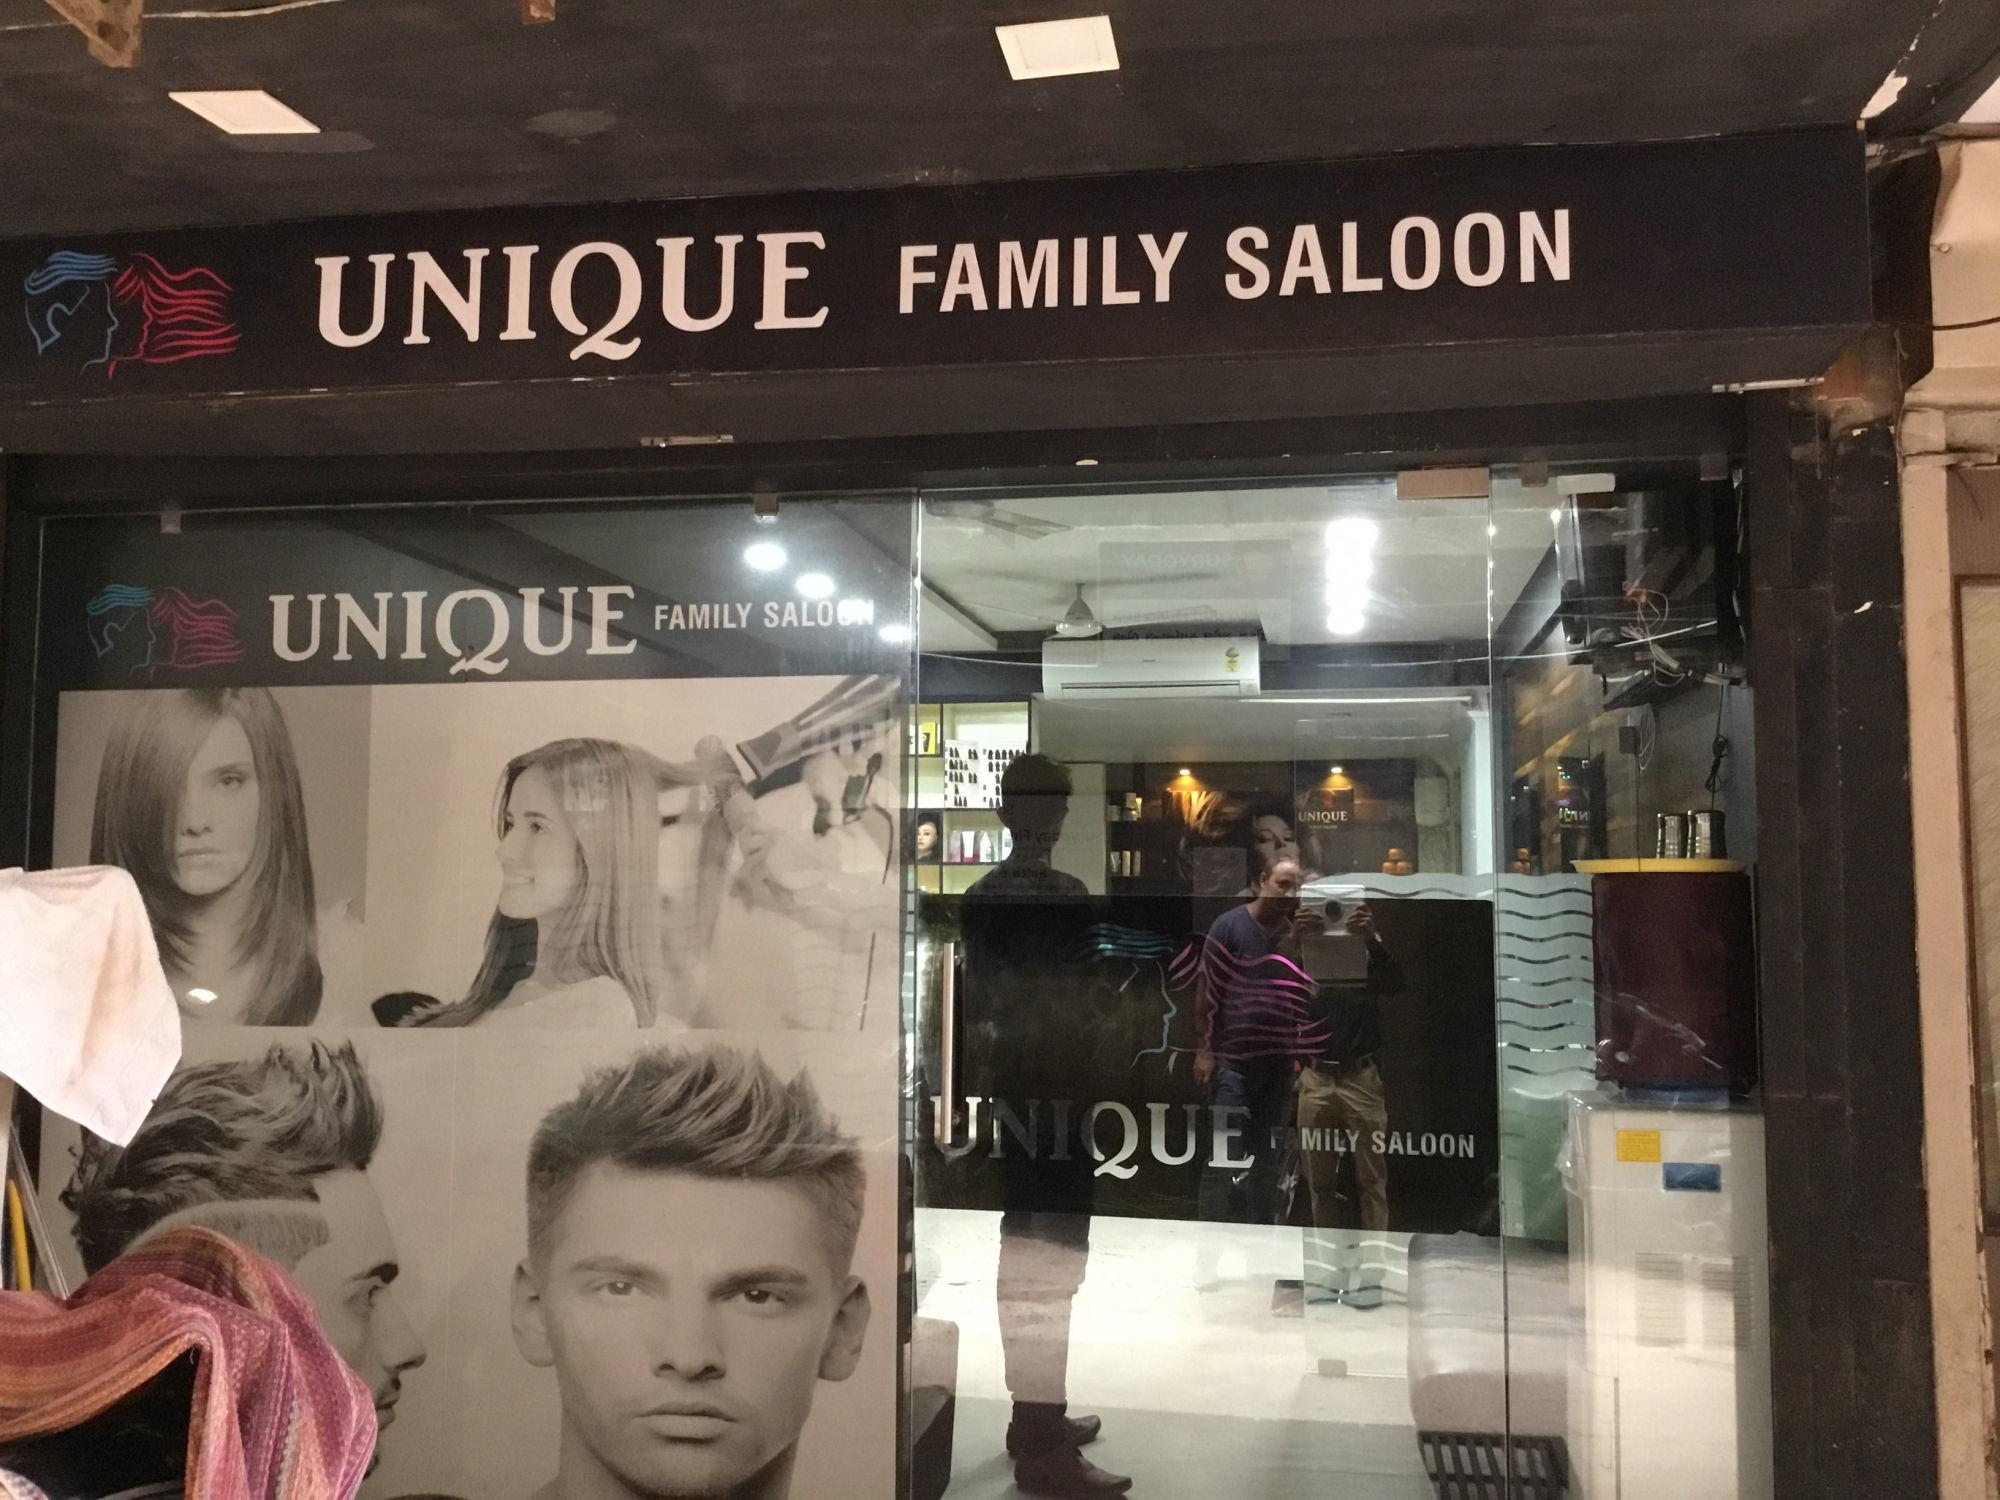 UNIQUE HAIR SALON - PALDI - AHMEDABAD Reviews, UNIQUE HAIR SALON